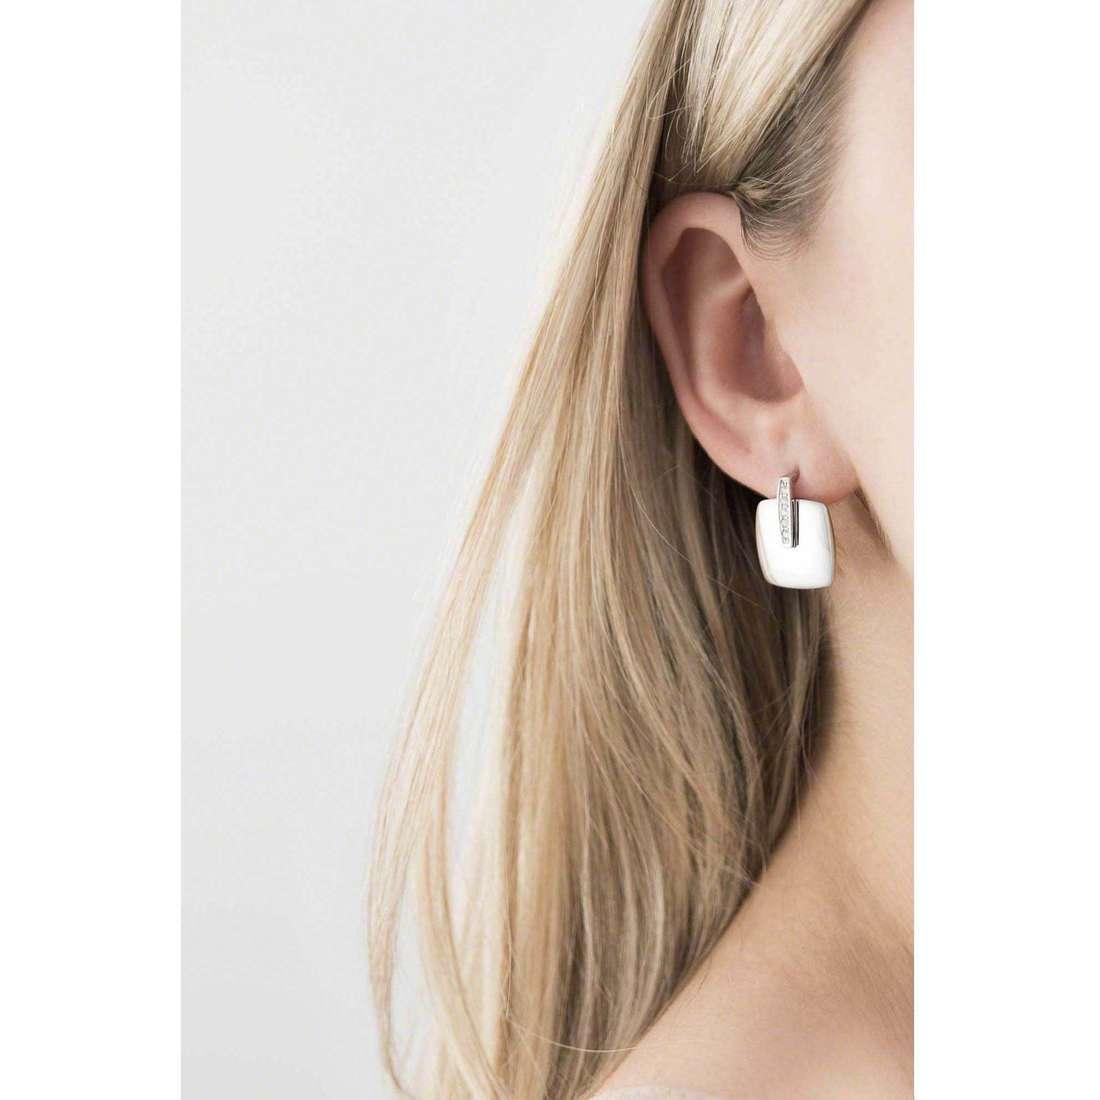 Breil orecchini New Blast donna TJ1611 indosso